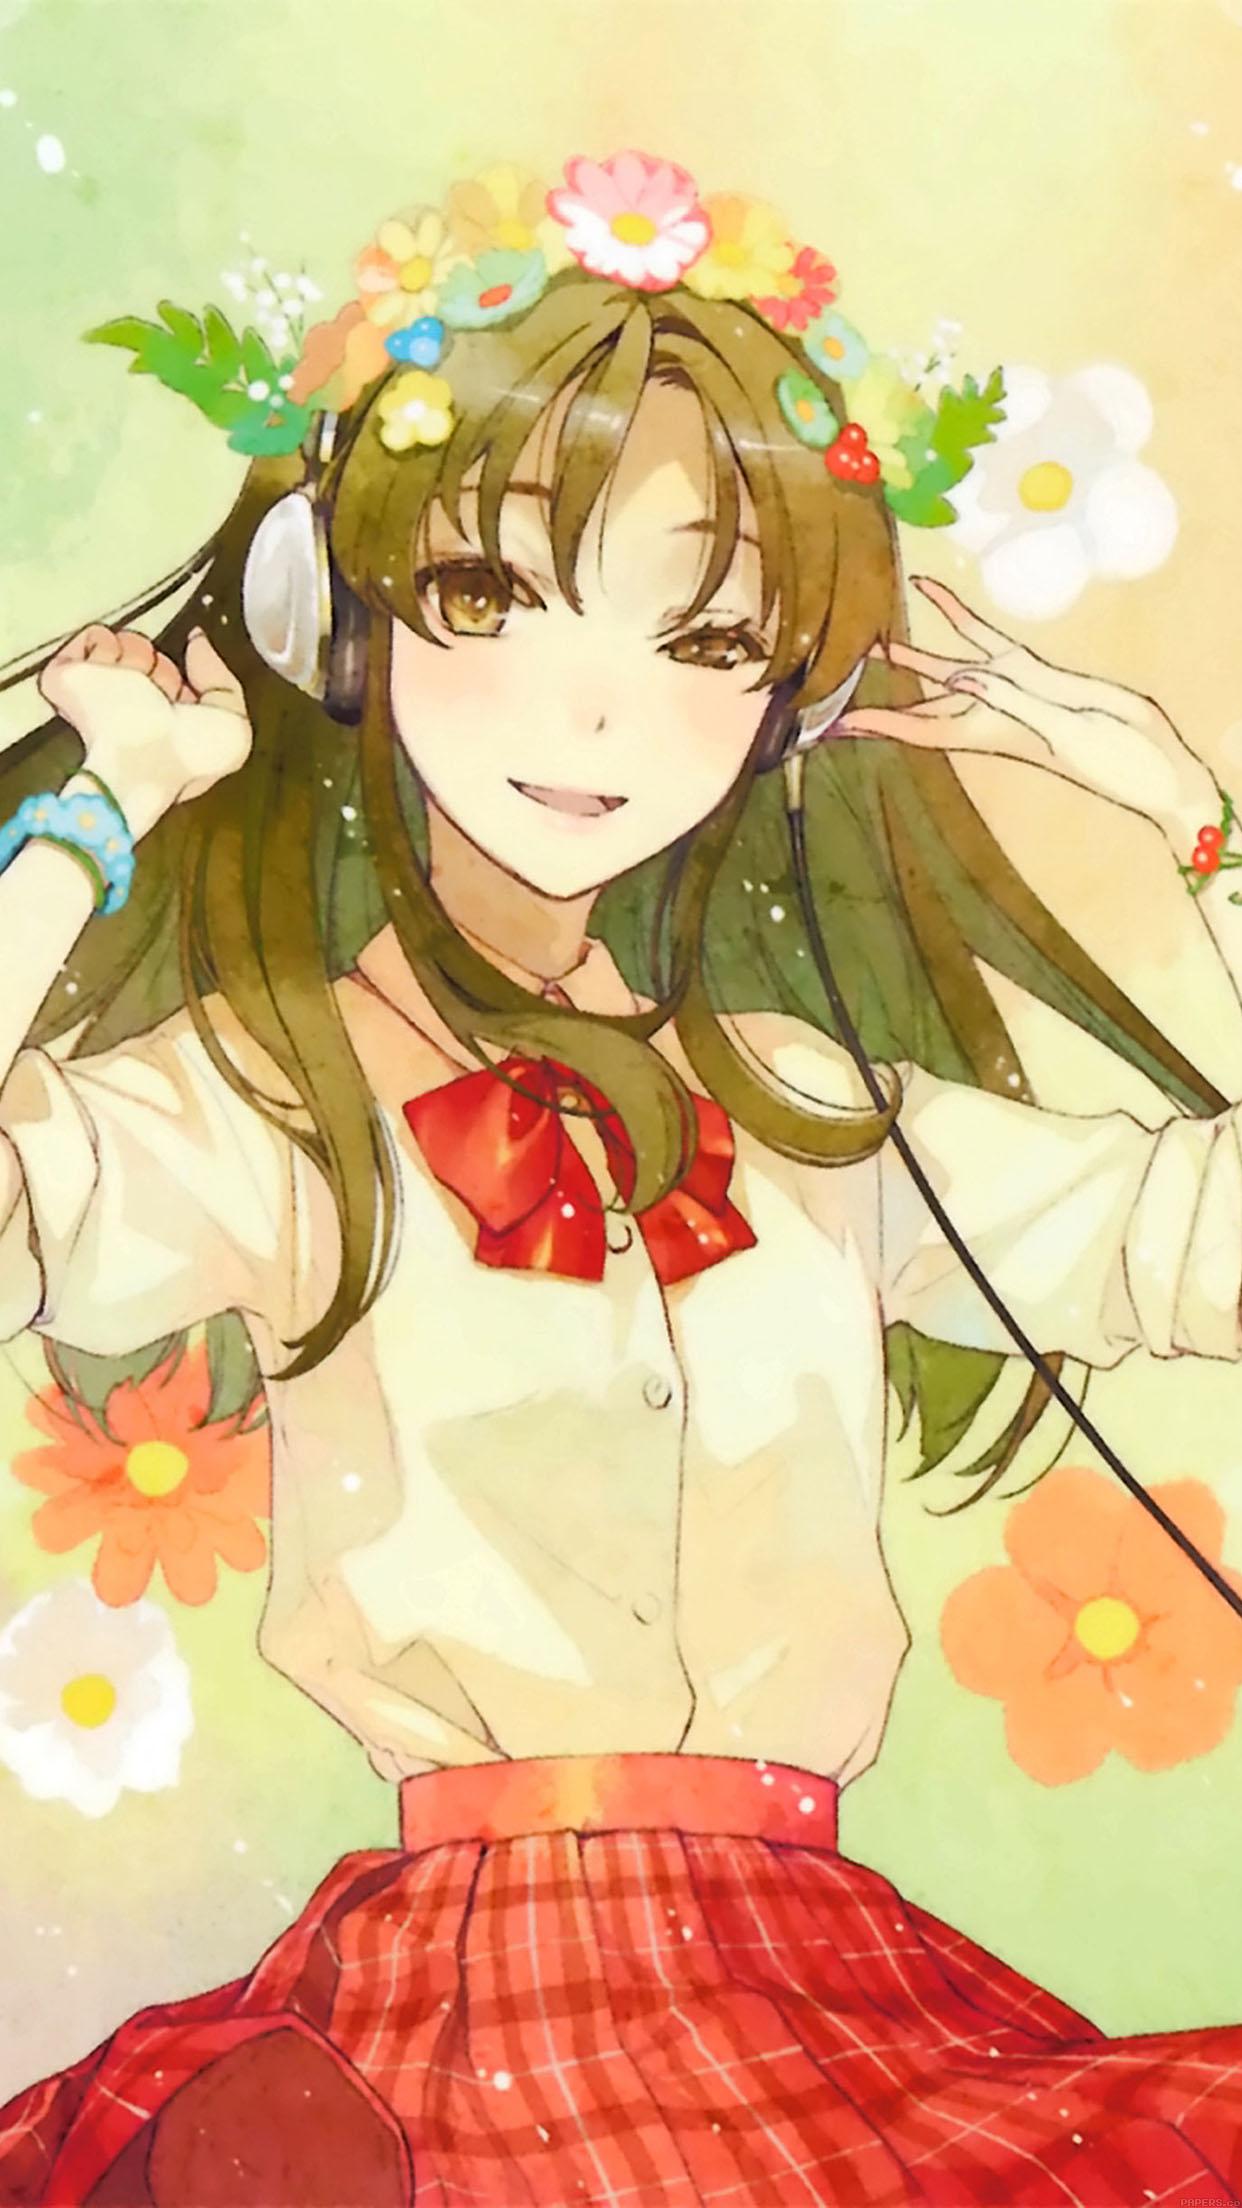 Image Result For Anime Wallpaper Girl X